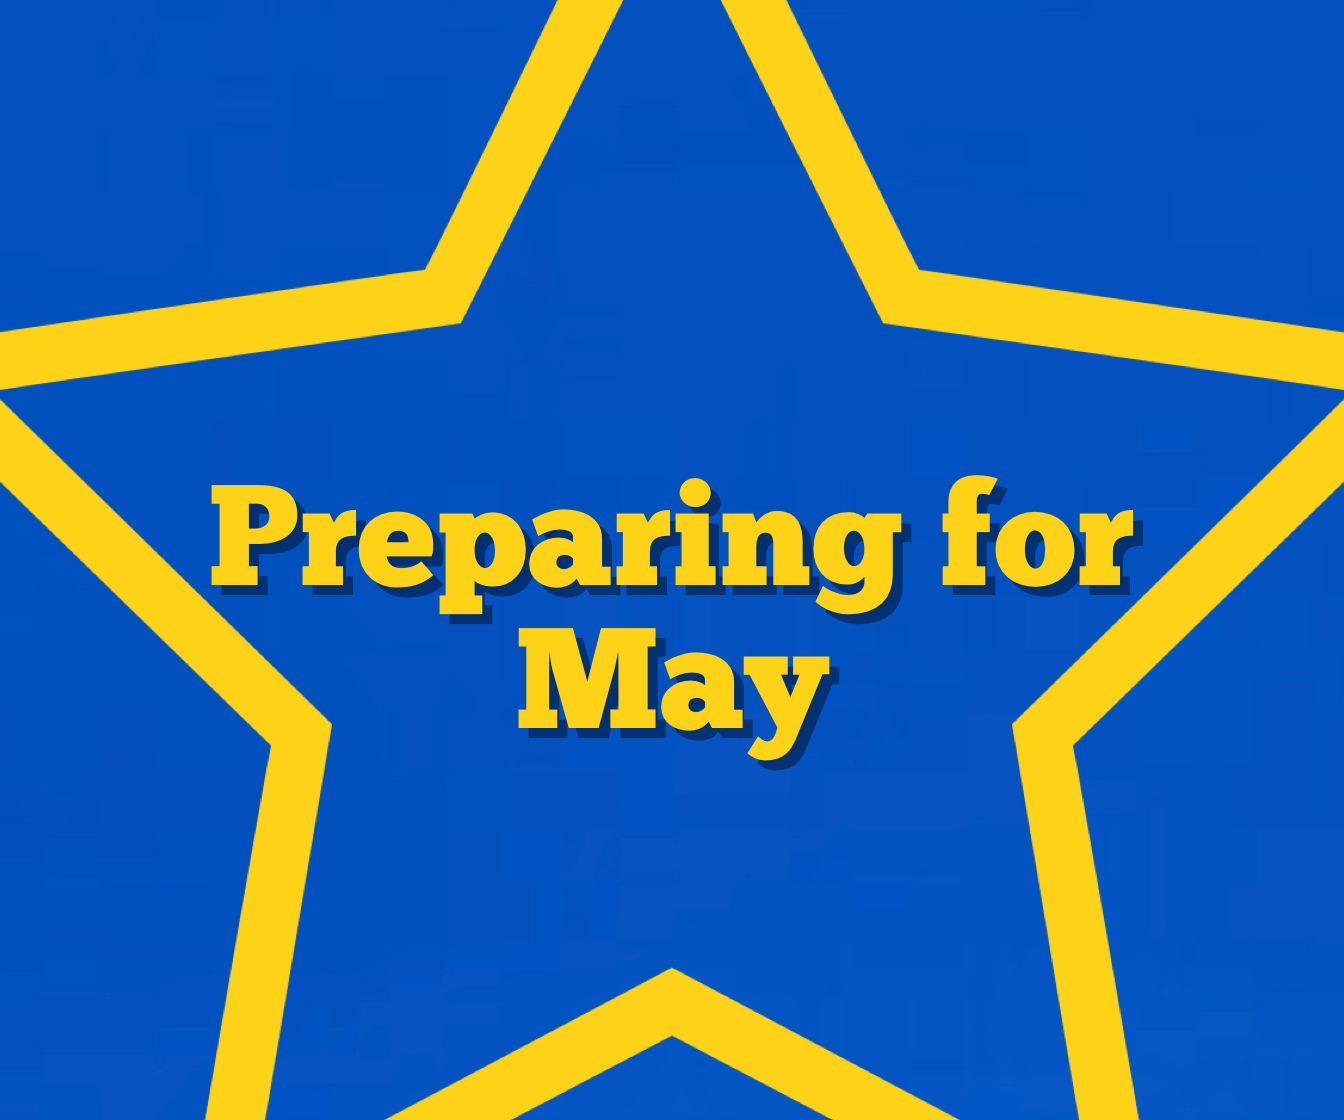 Preparing for May